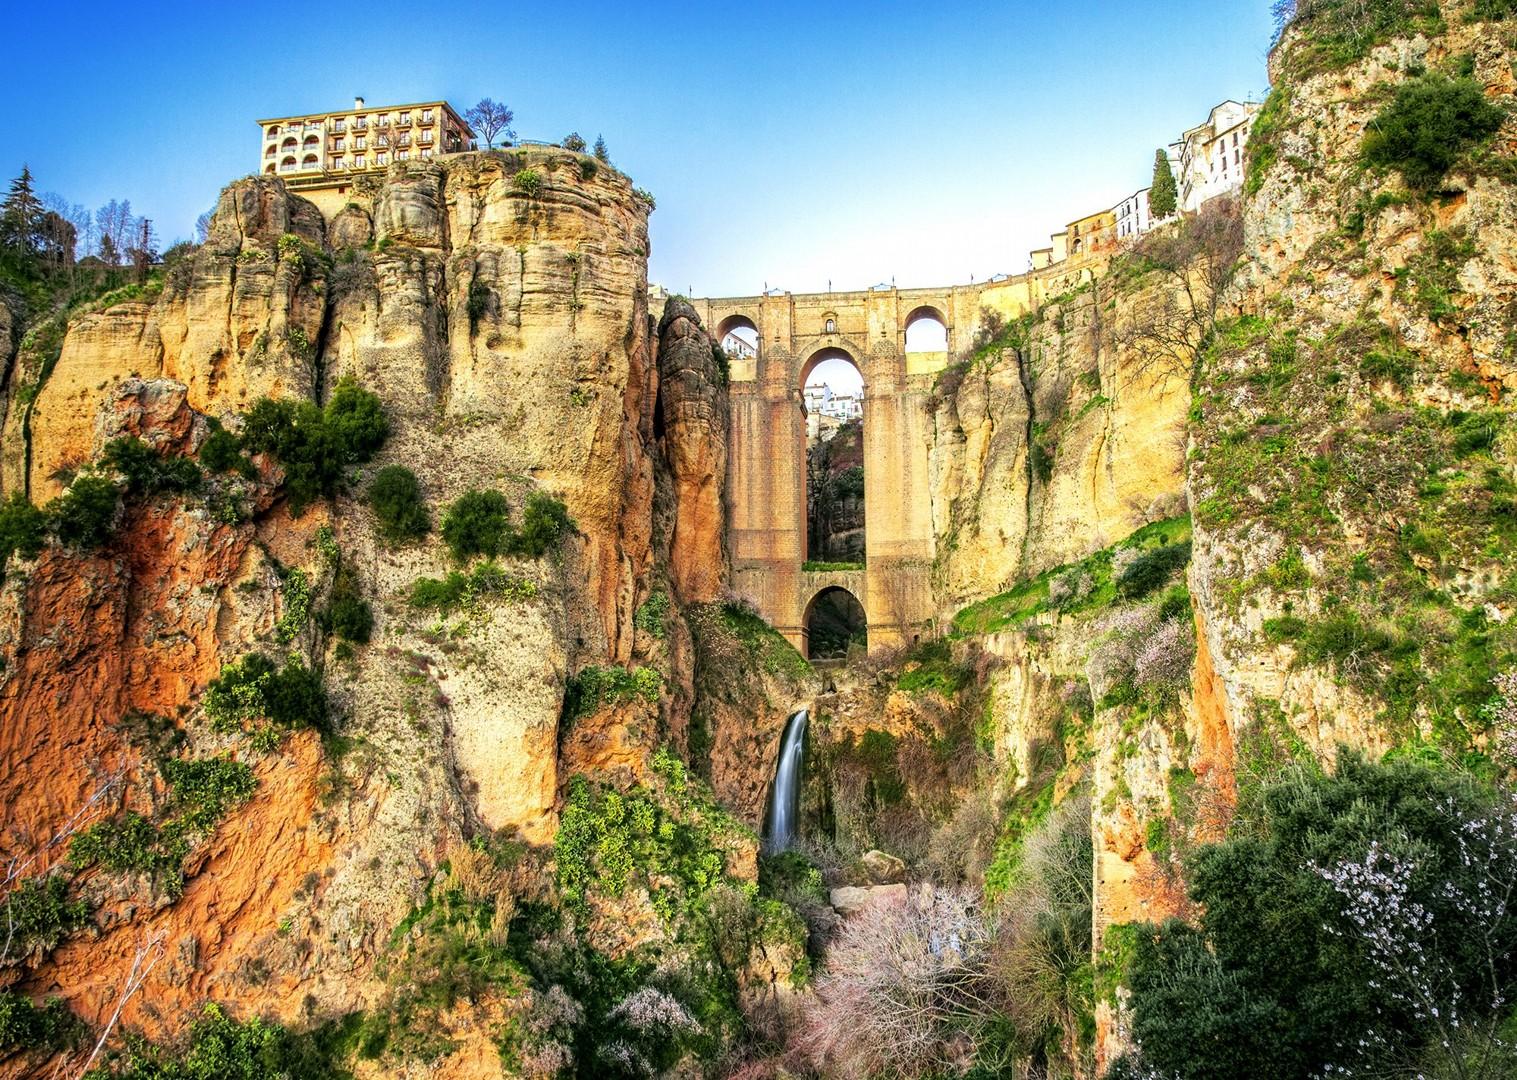 sierra-de-las-nieves-spain-stunning-cliffs-mountain-biking.jpg - Spain - Awesome Andalucia - Guided Mountain Bike Holiday - Mountain Biking